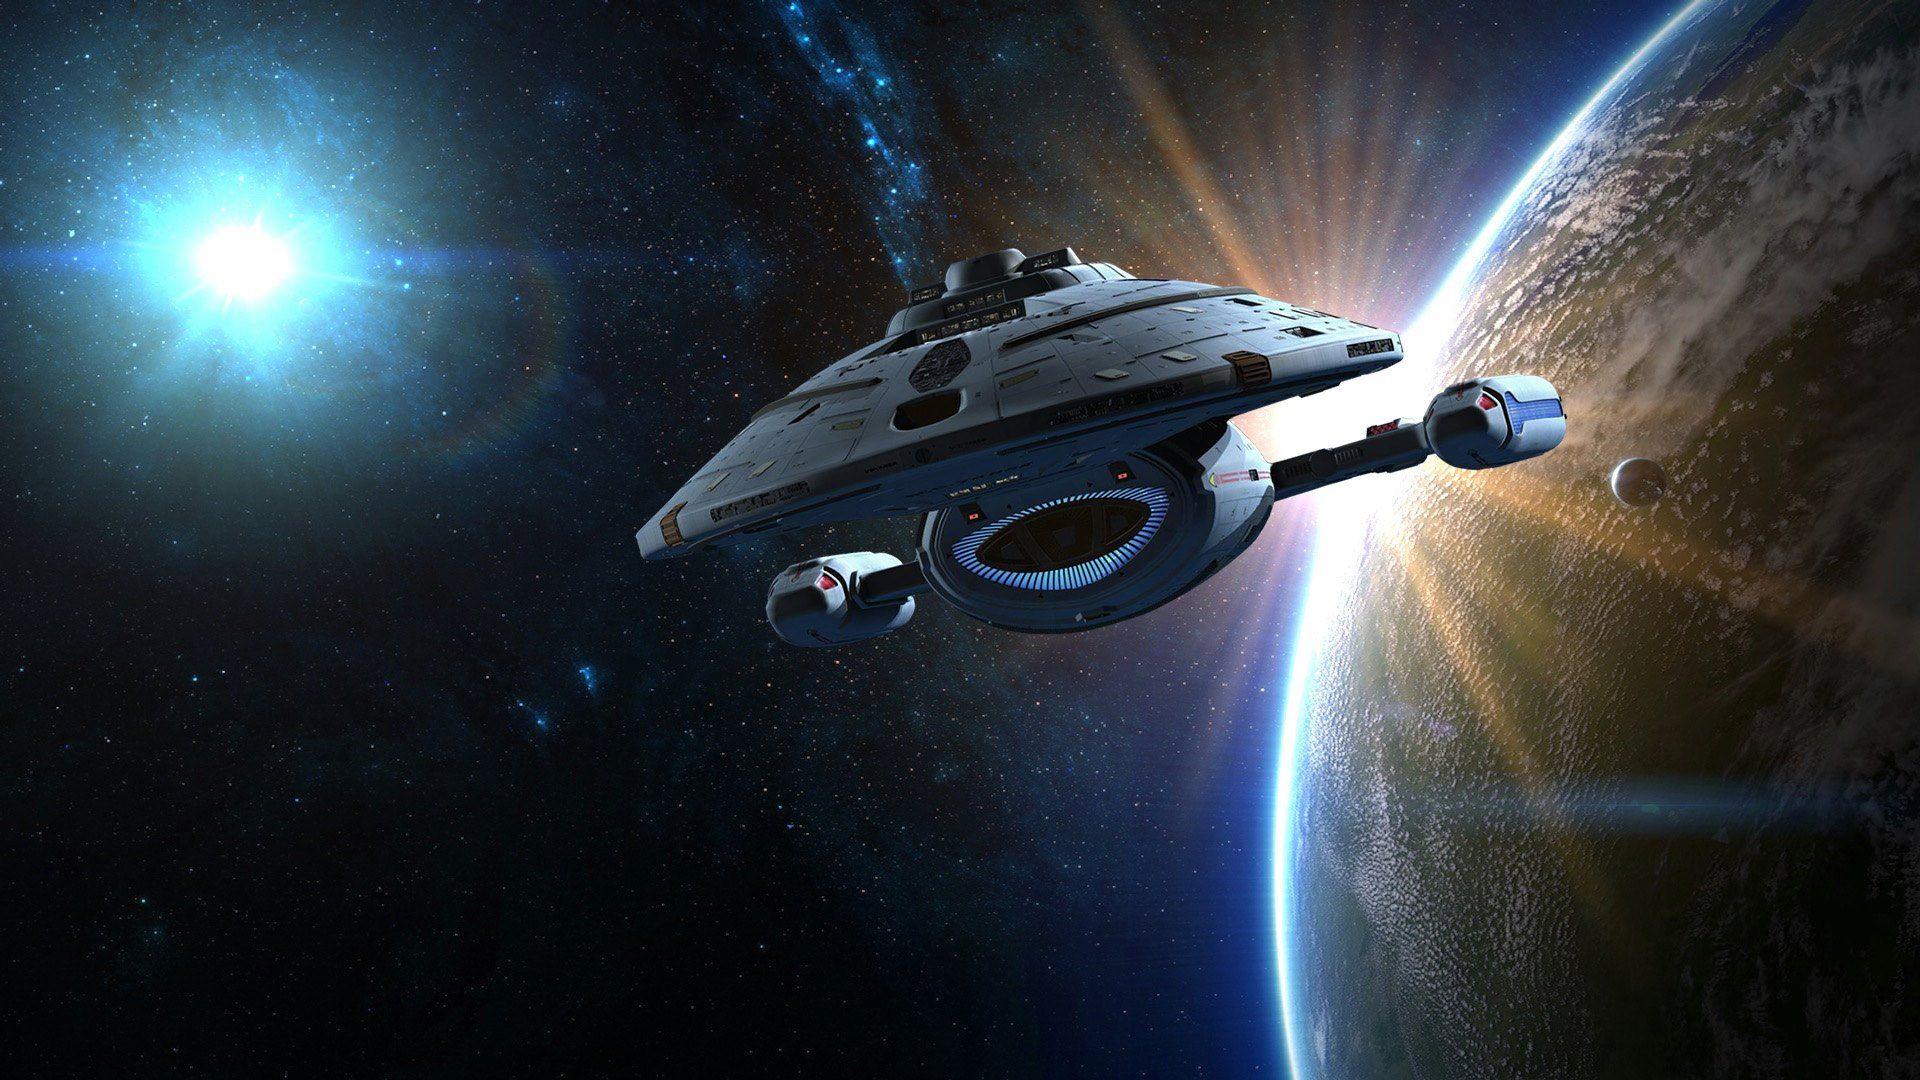 Star trek voyager spacecraft - Star Trek Voyager Pictures Star Trek Voyager Wallpaper 1440 900 Star Trek